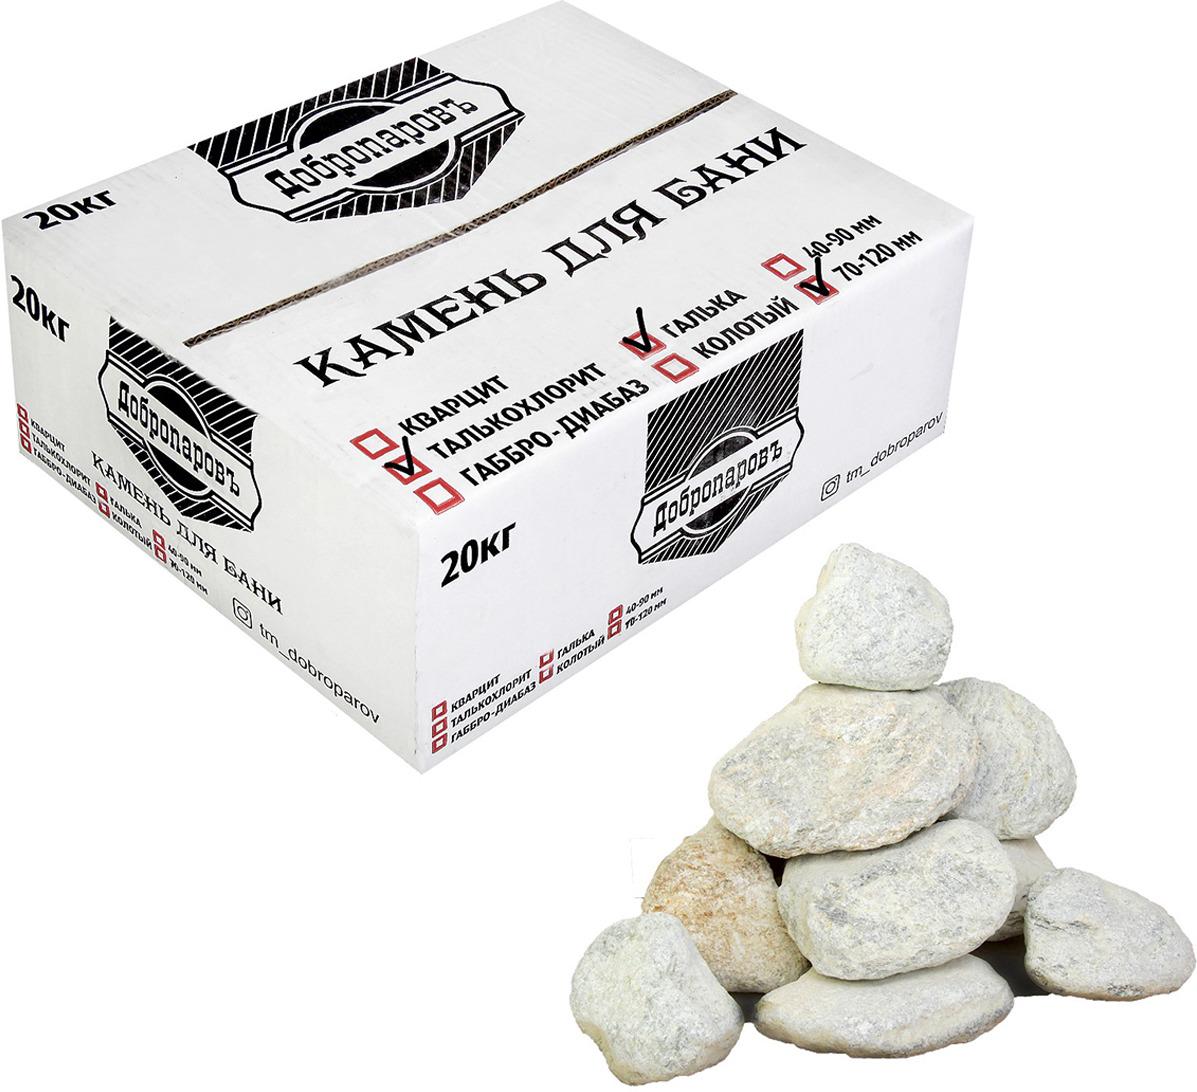 Камень для бани Добропаровъ Талькохлорит галтованный, 3294484, 20 кг, фракция 70-120 мм печь для бани 8 мм